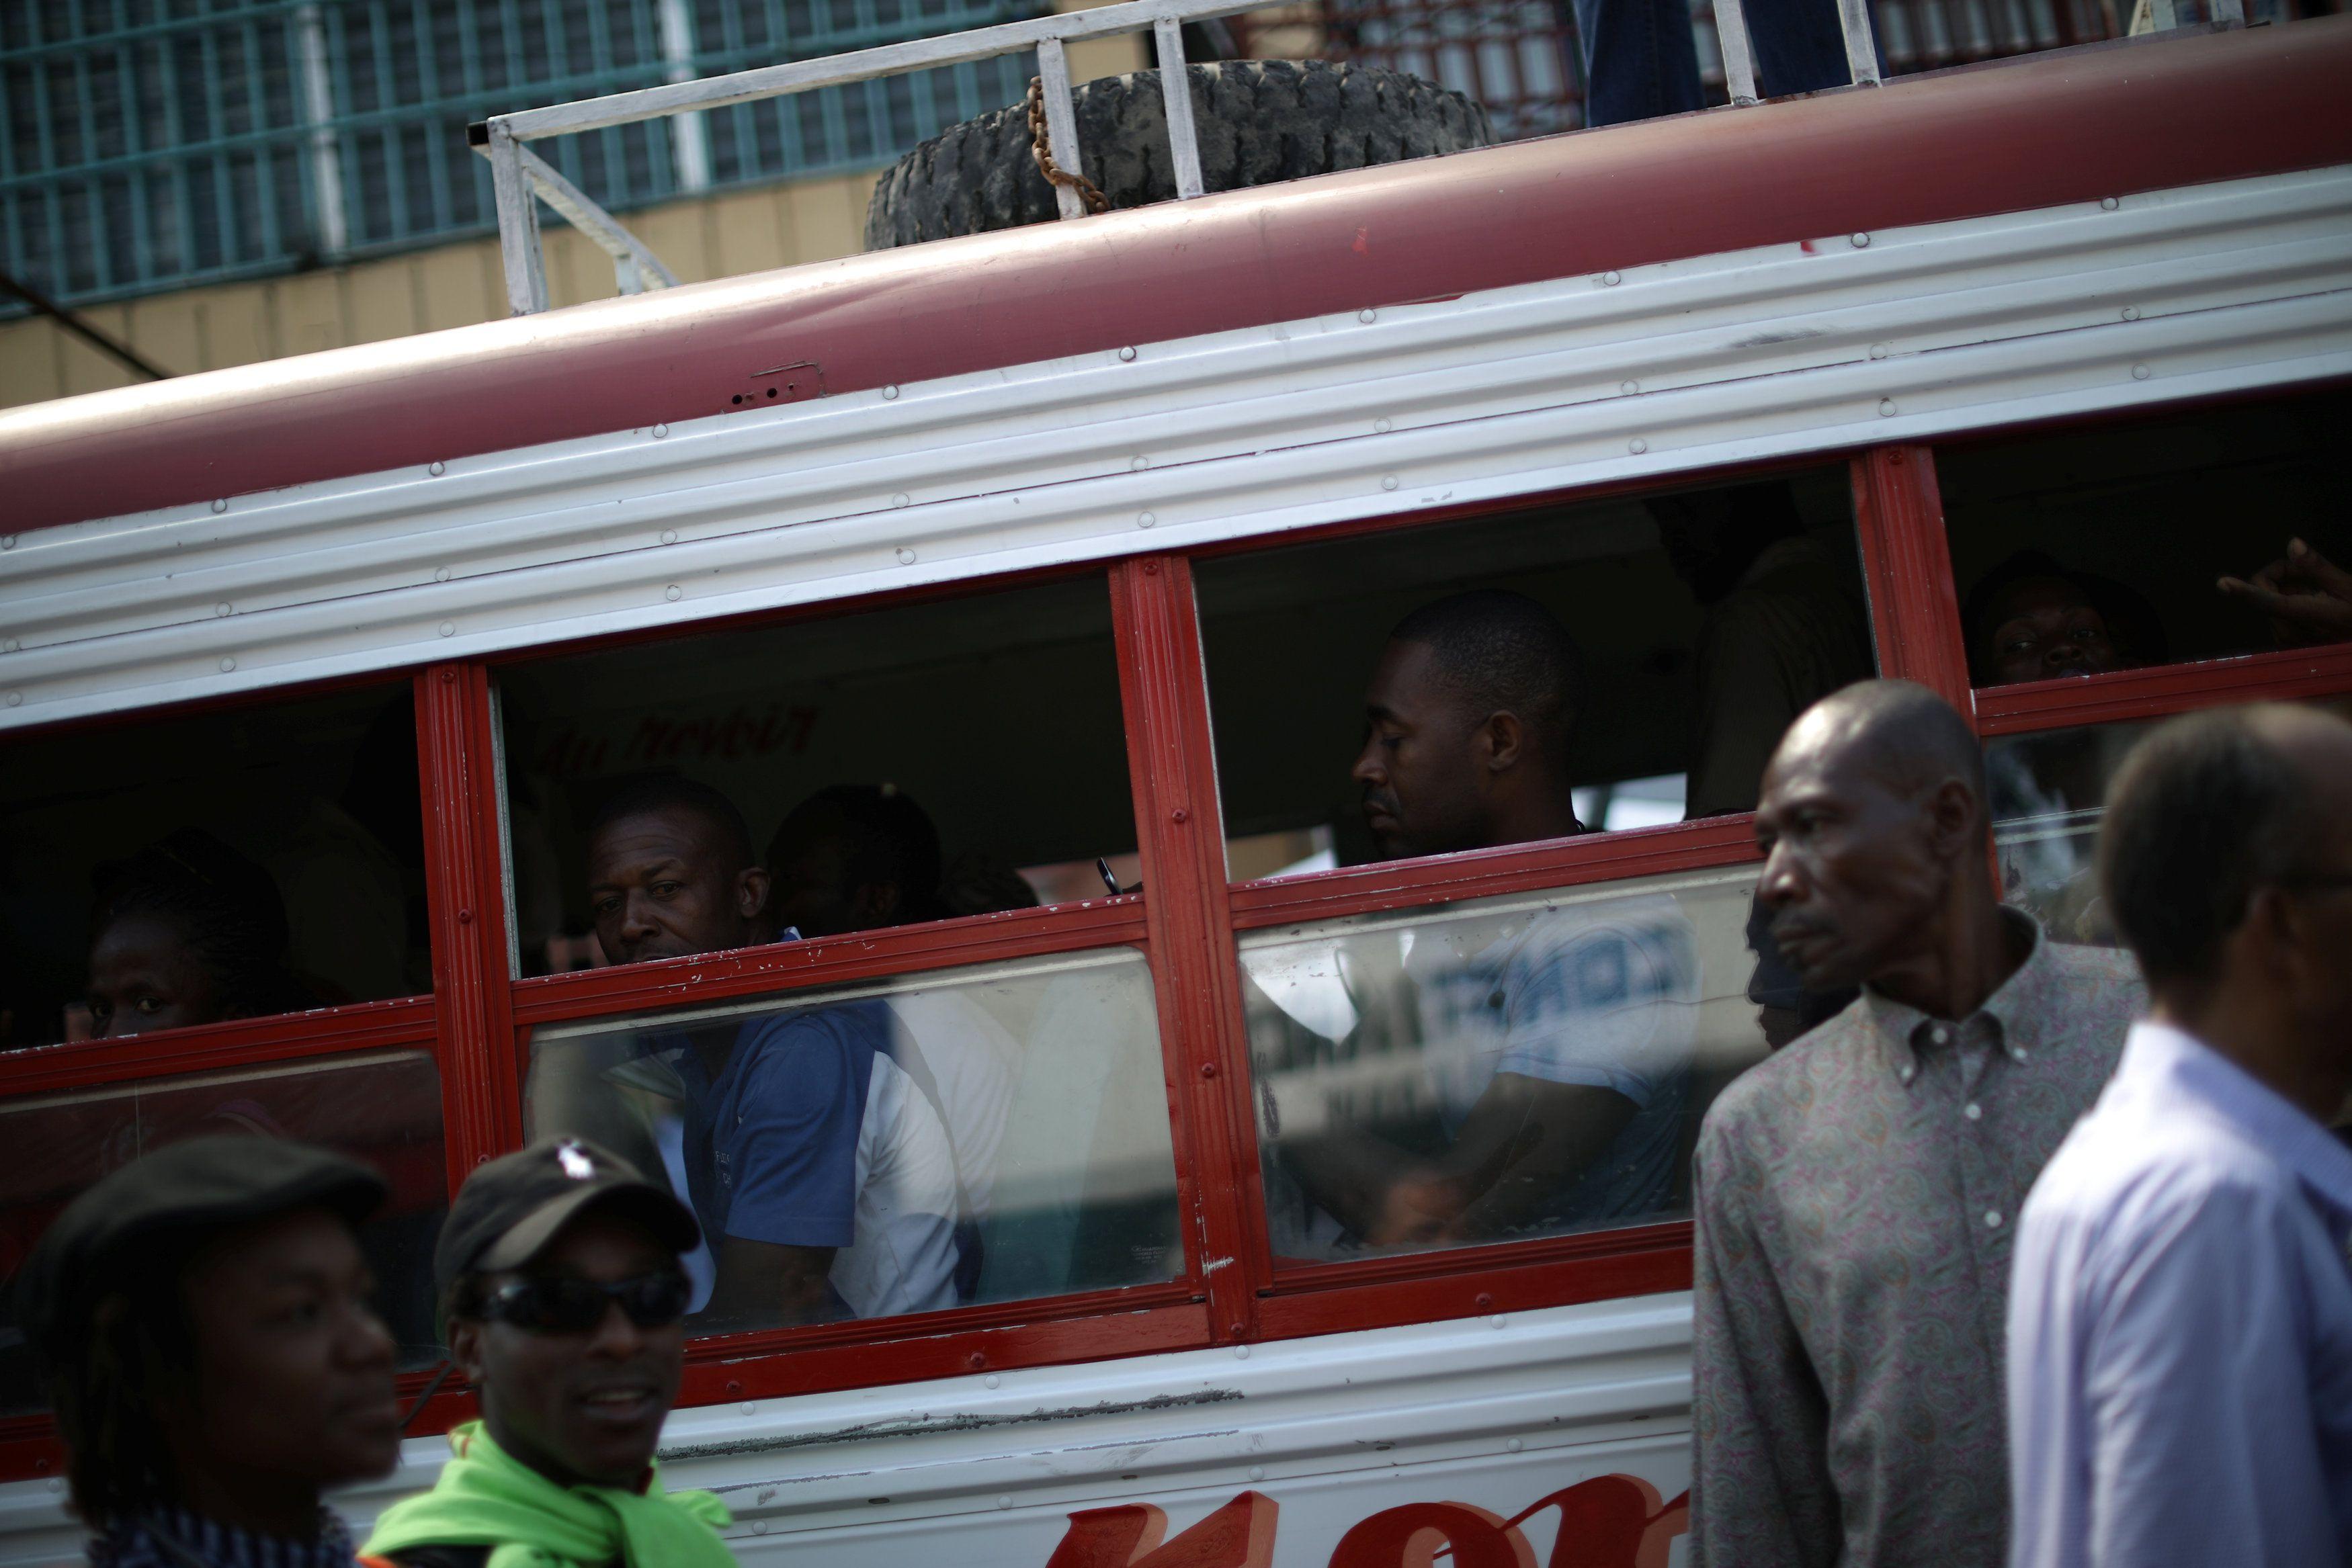 Пассажирский автобус в Индии, иллюстрация.